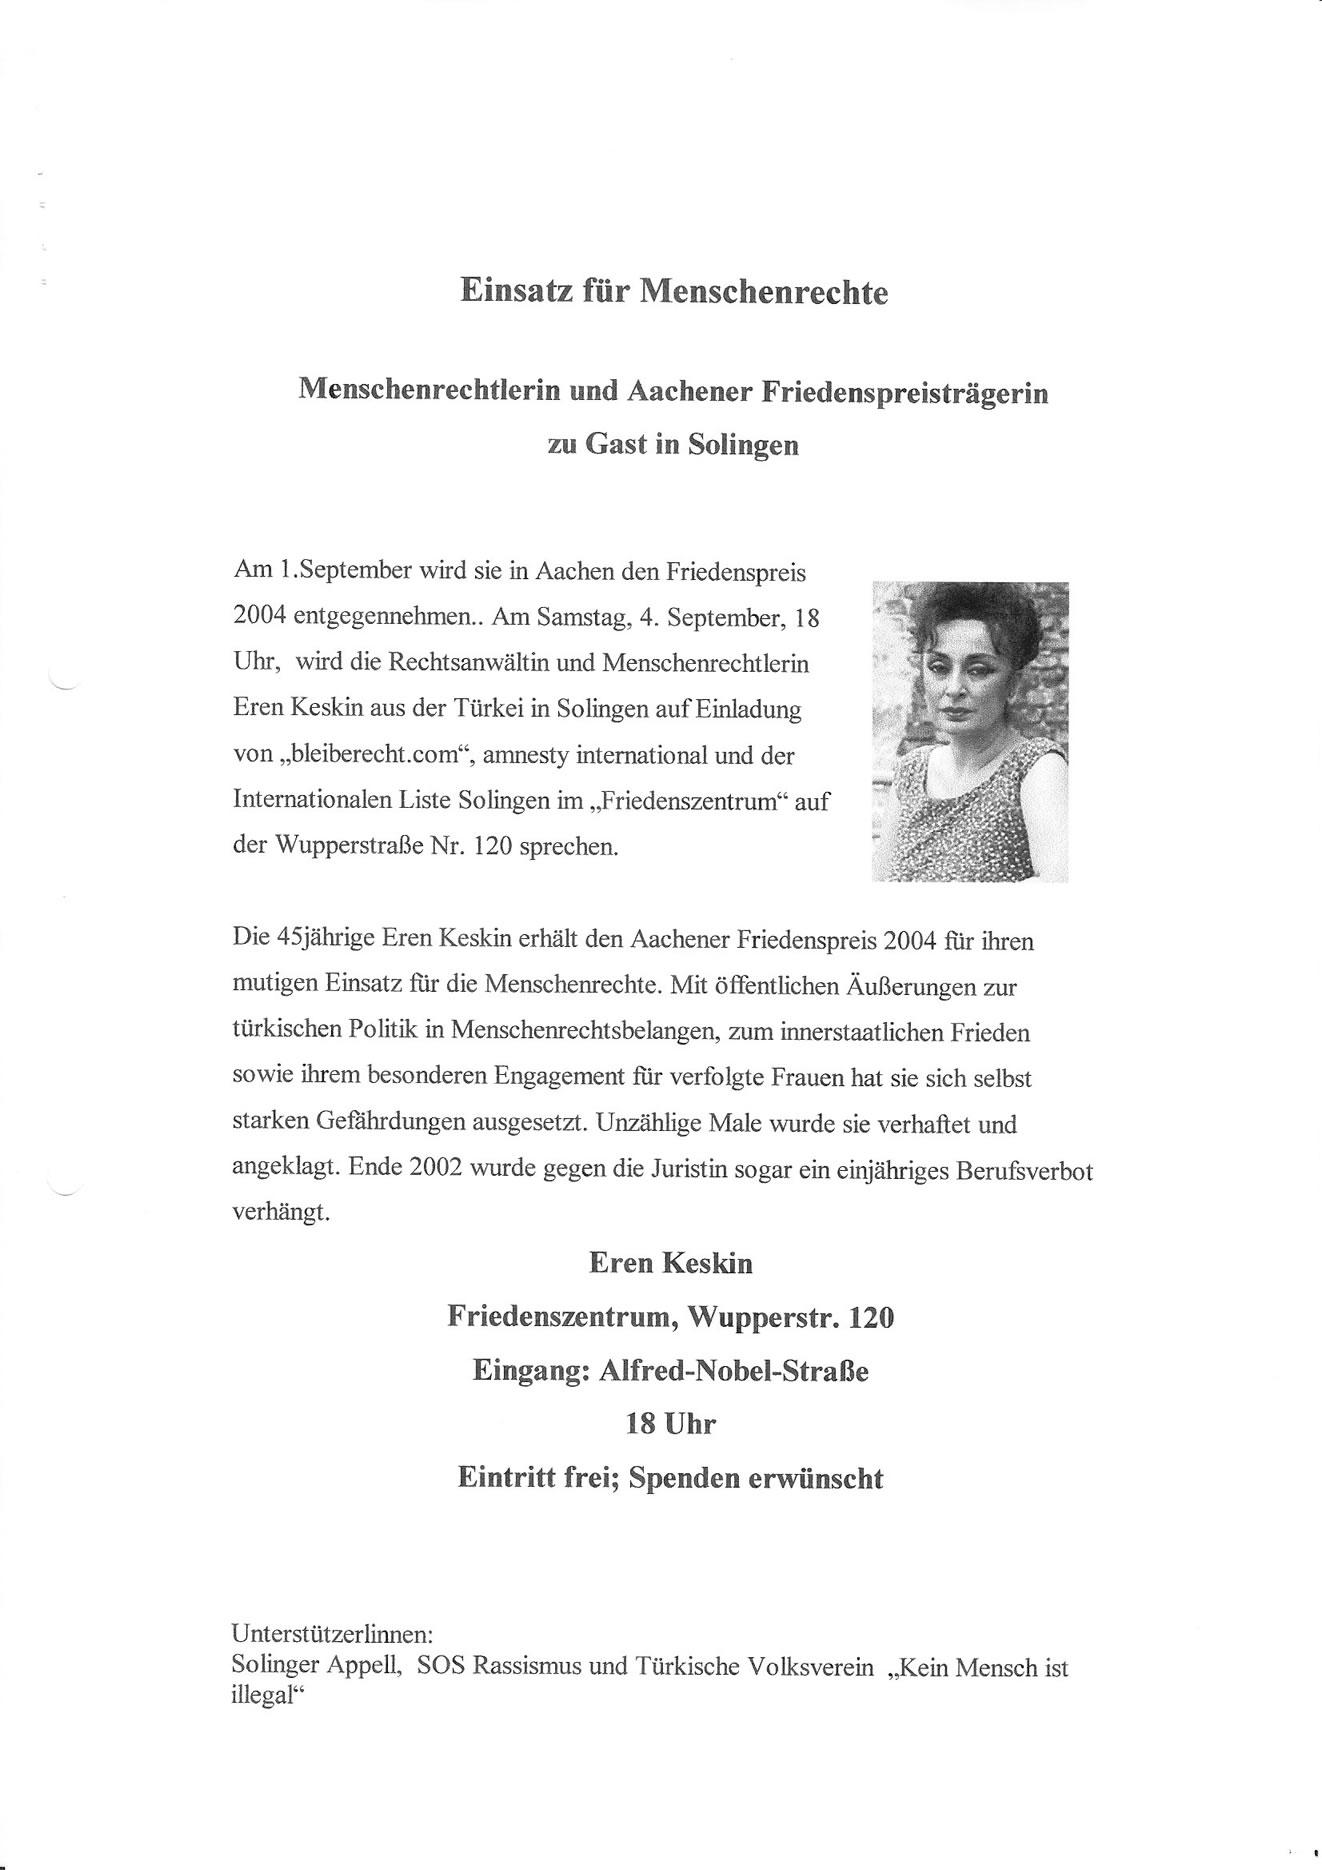 Pressemitteilung 09/04: Vortrag Eren Keskin